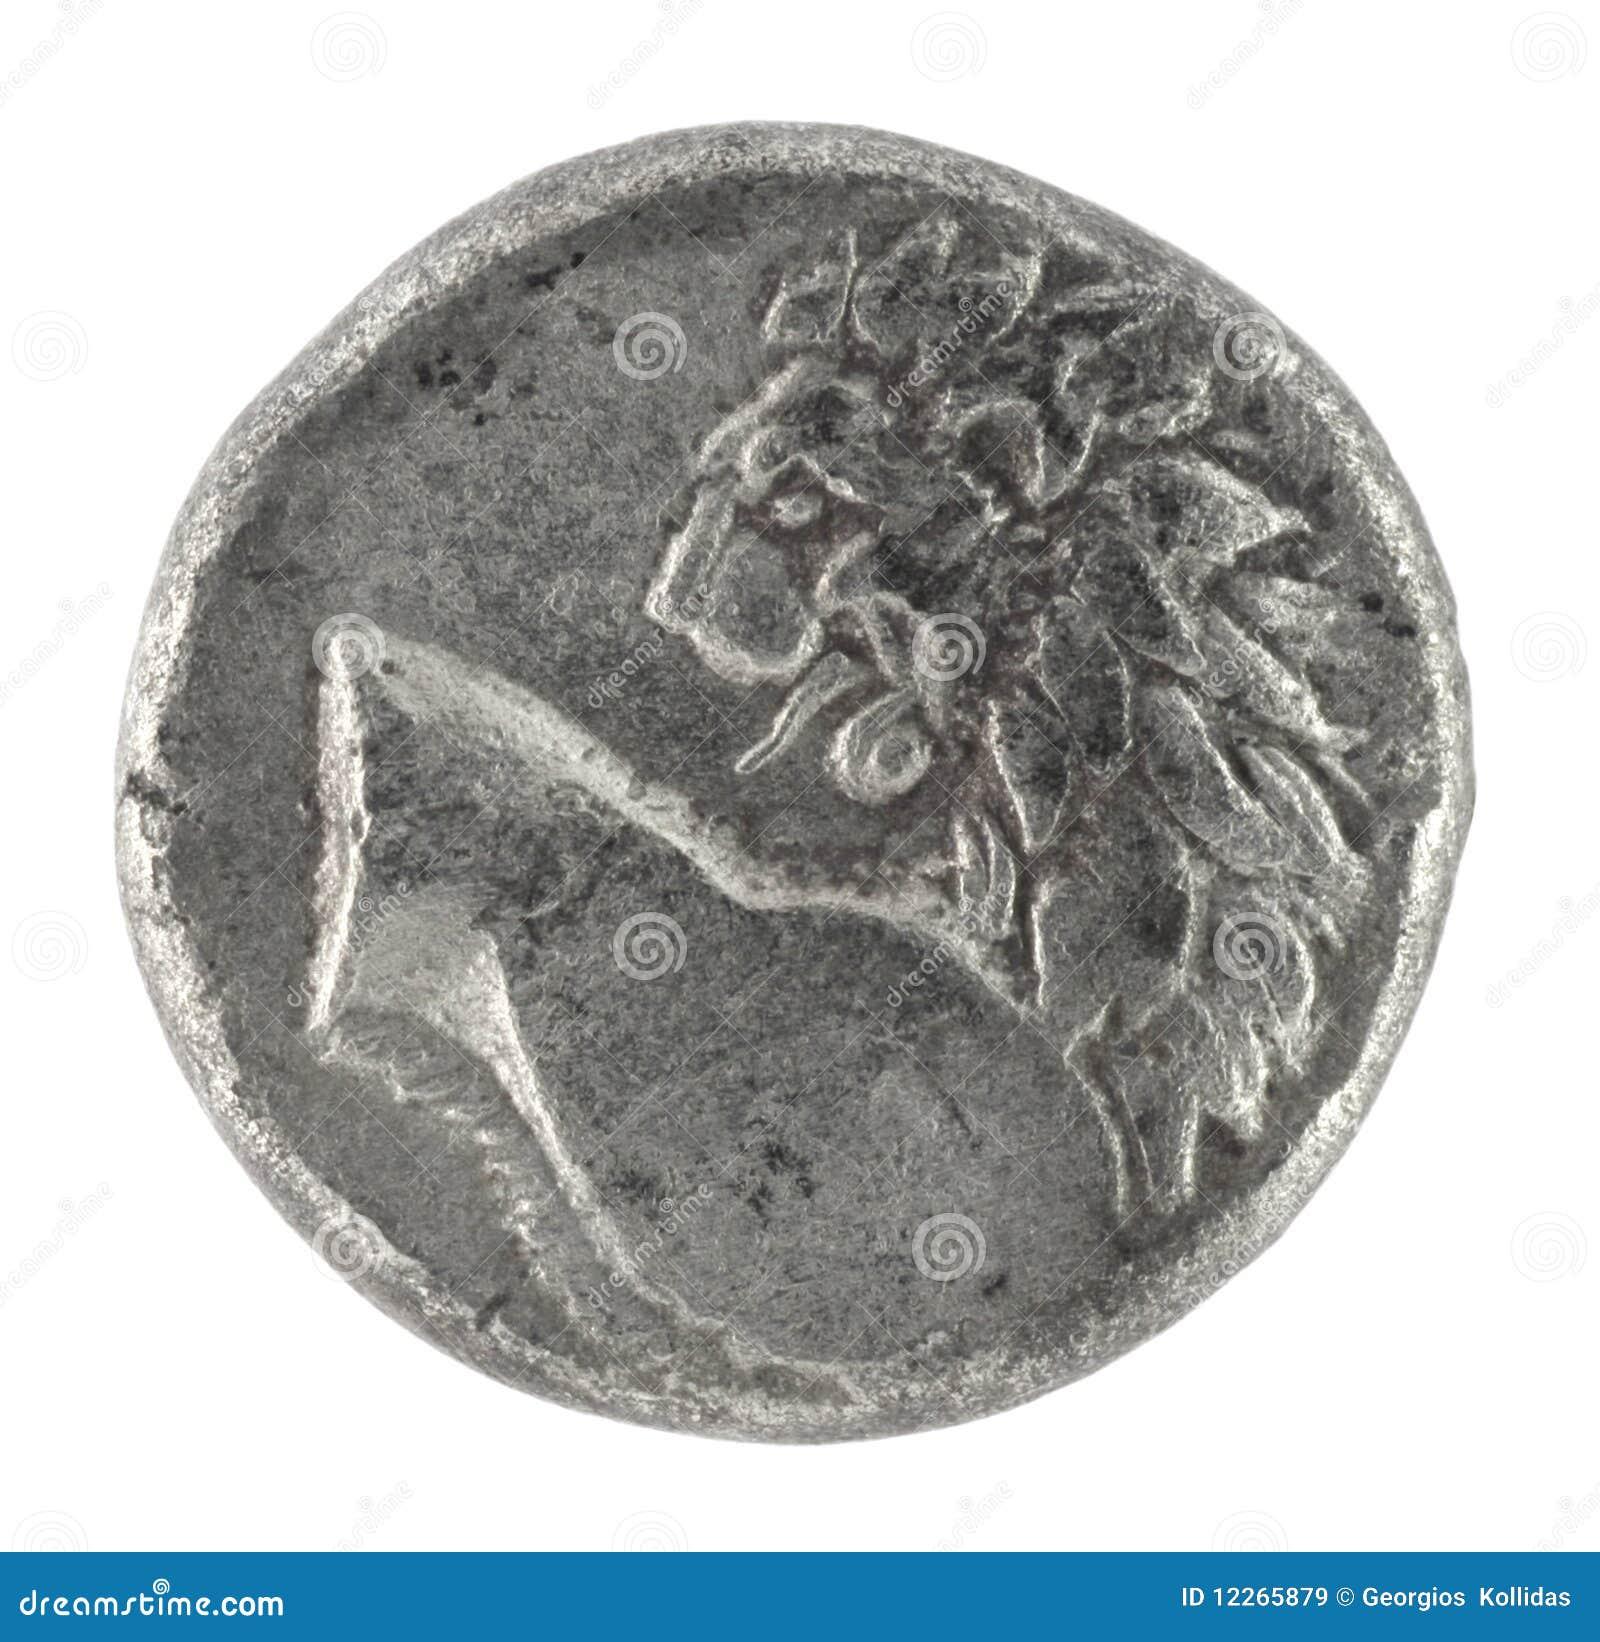 Löwe auf altgriechischem halbem Drachm 350 BC